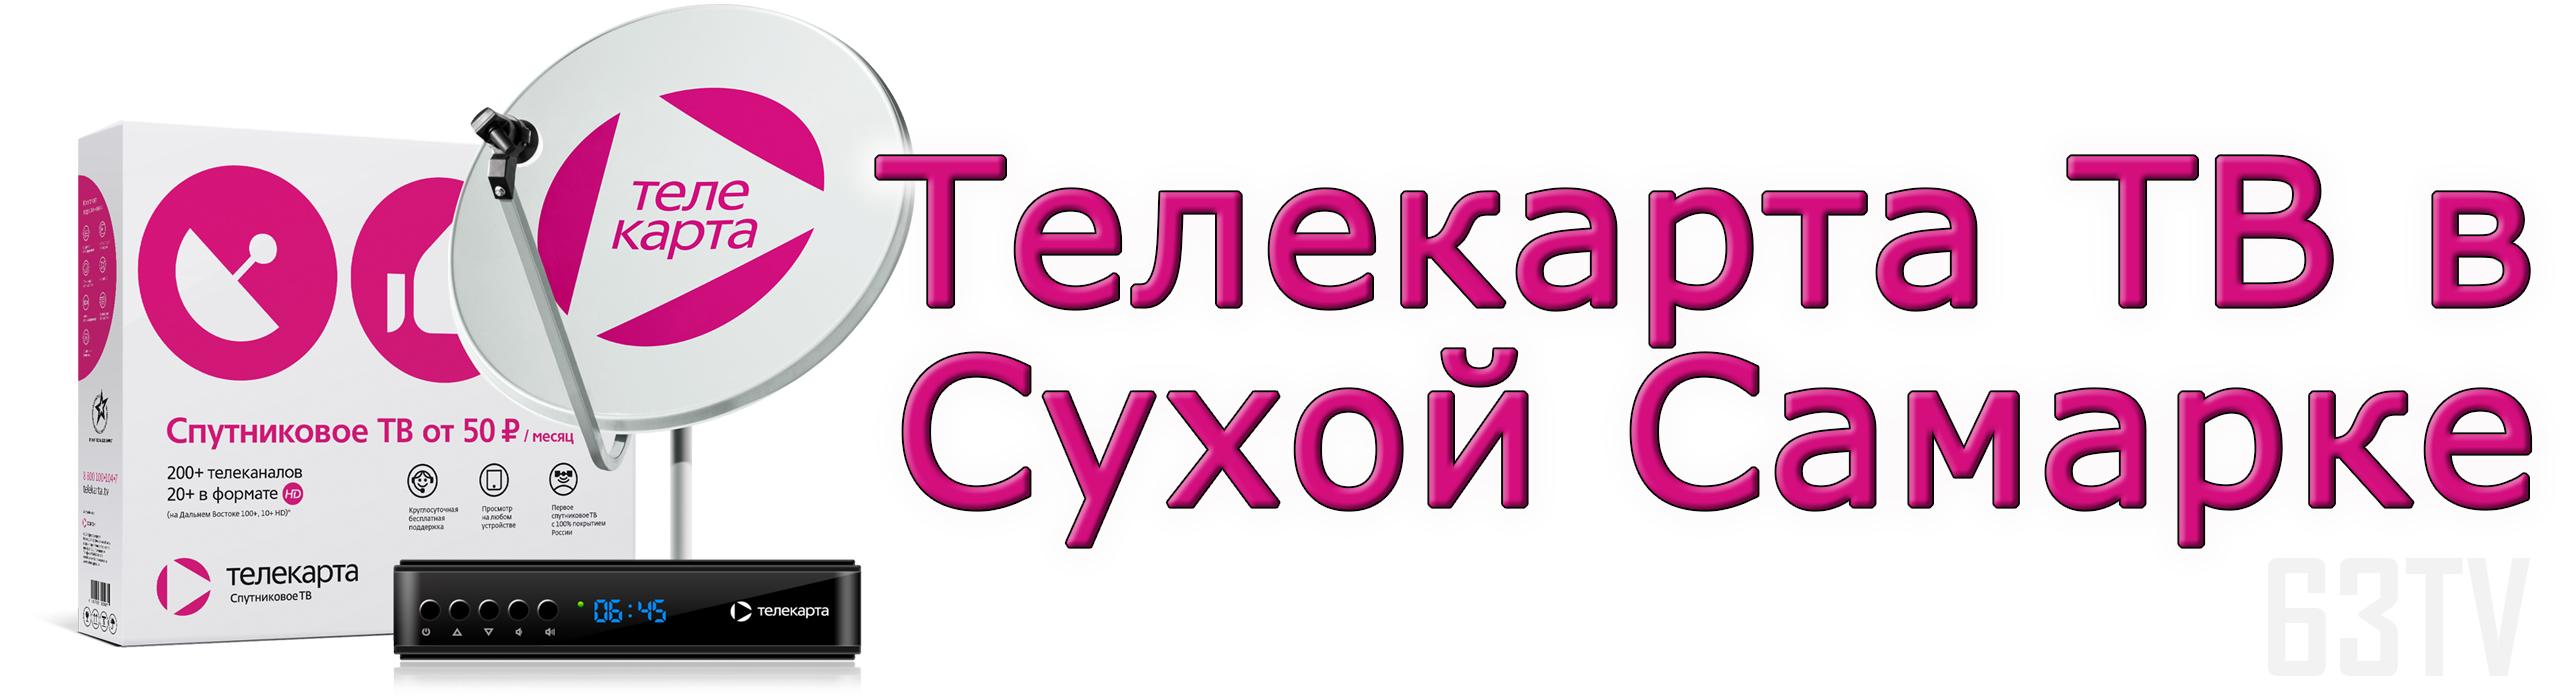 Телекарта ТВ в Сухой Самарке